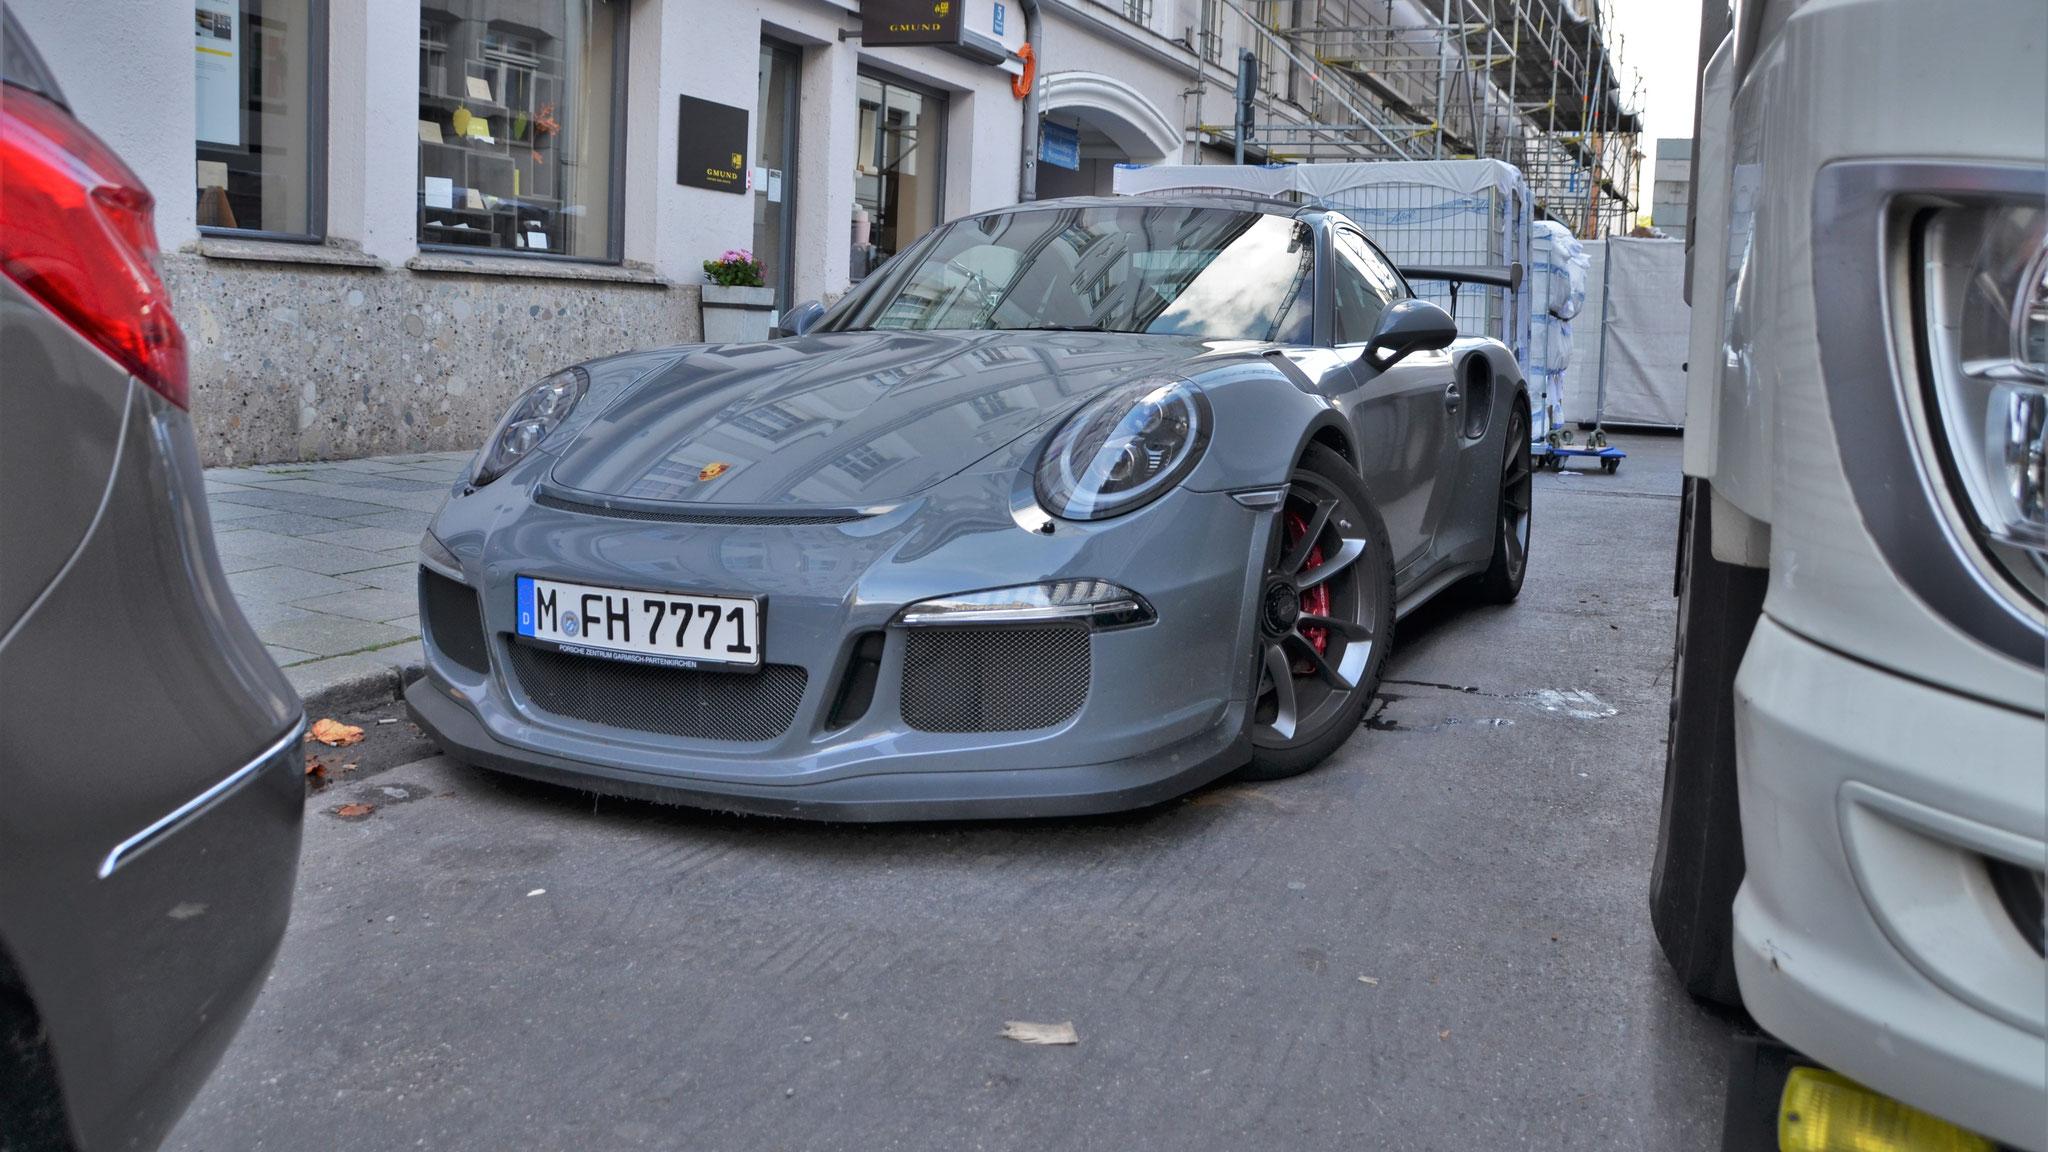 Porsche 911 GT3 RS - M-FH-7771